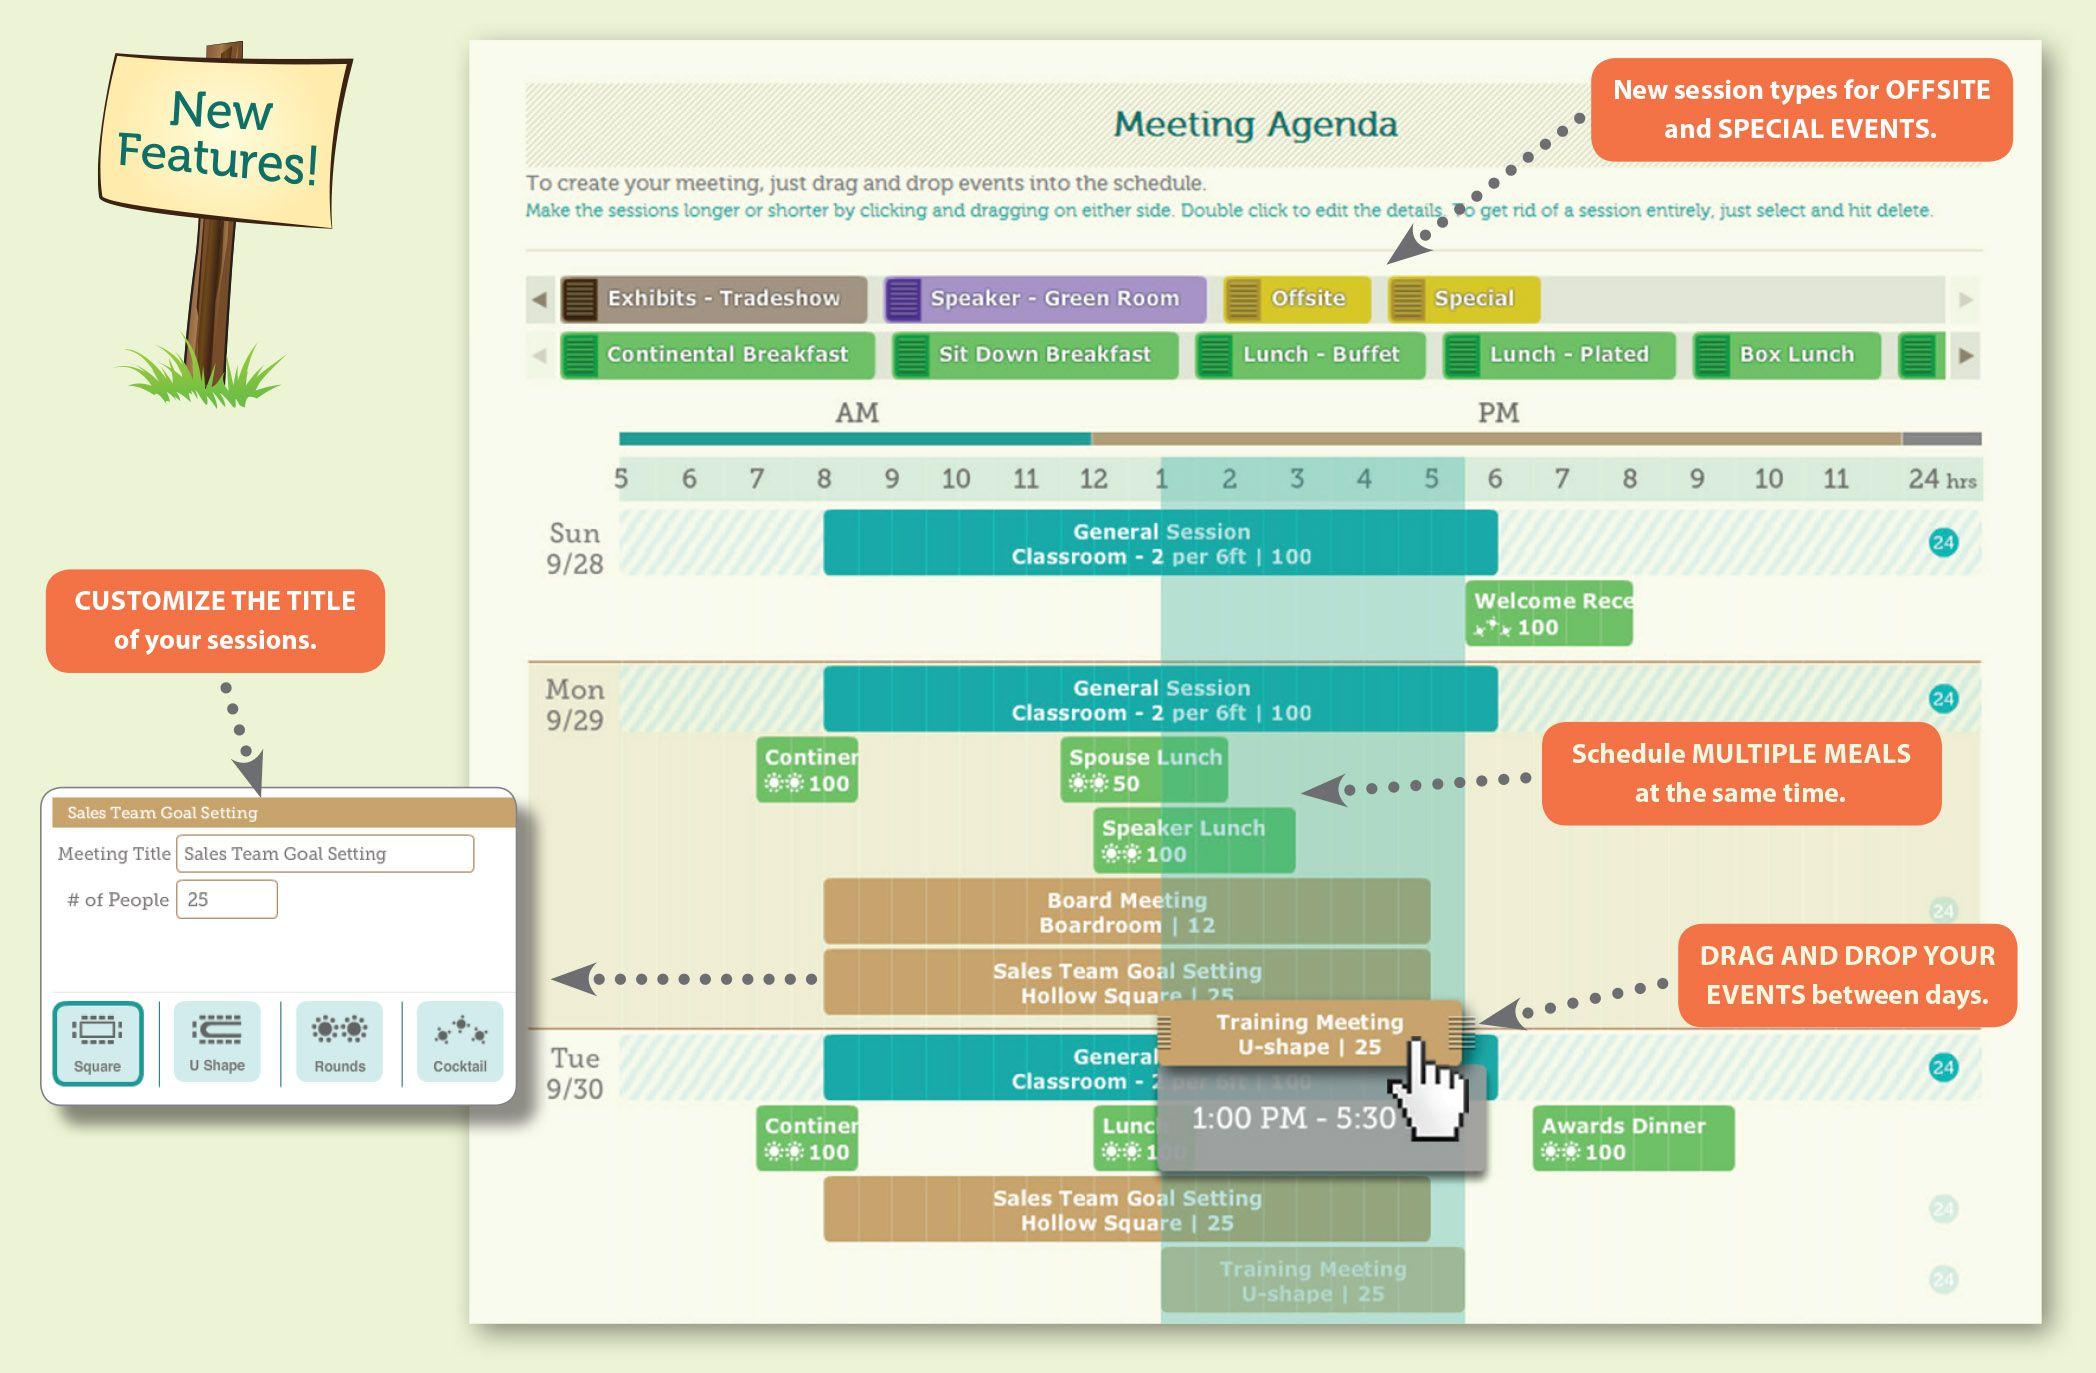 Doc585659 Meeting Schedule Template Meeting Schedule Template – Meeting Schedule Template